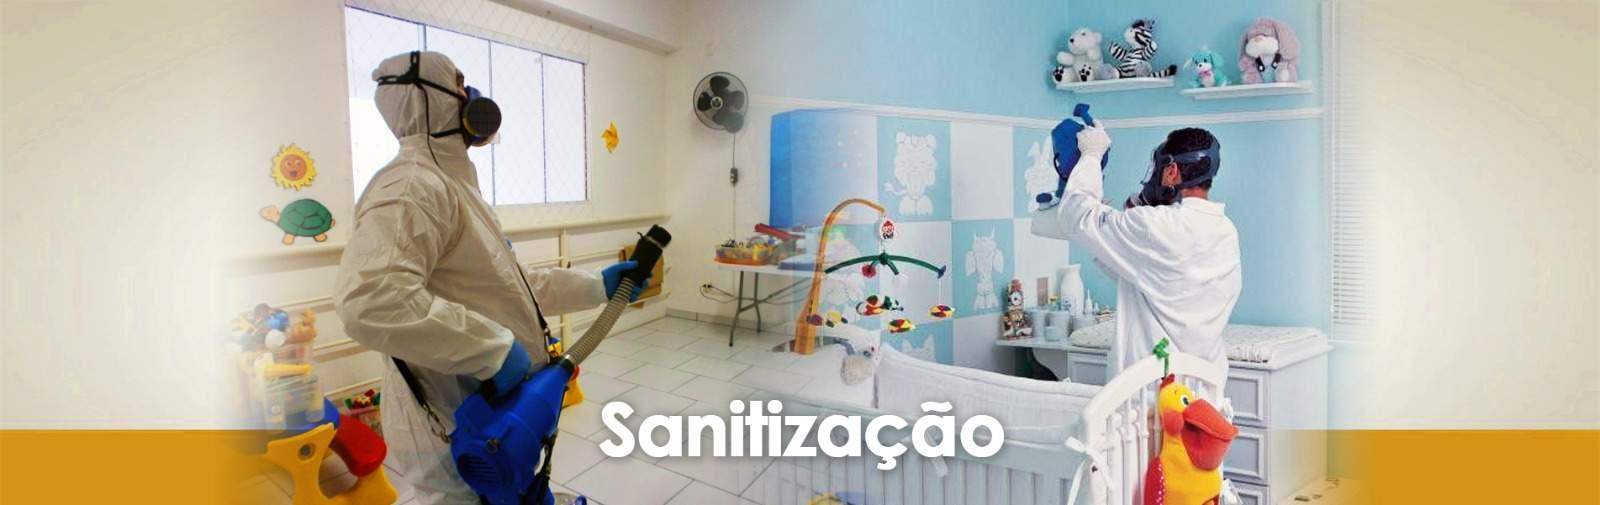 Sanitização 2 - Desinfecção - Sanitização